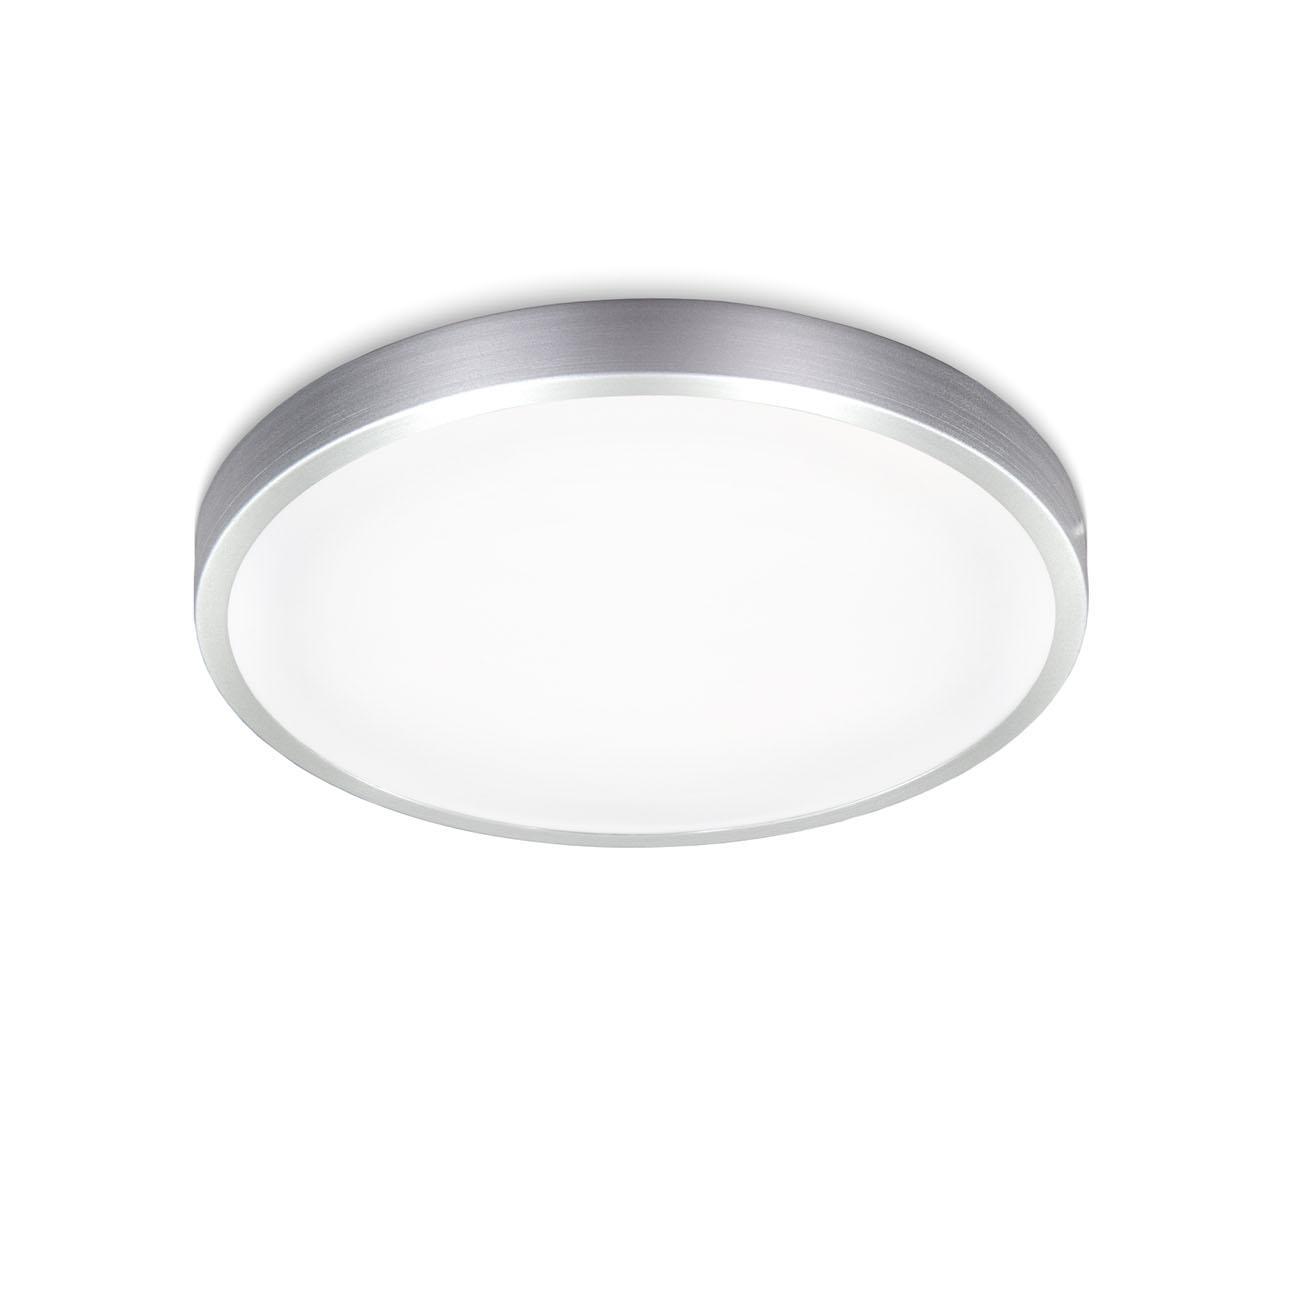 LED Deckenleuchte weiß-titan